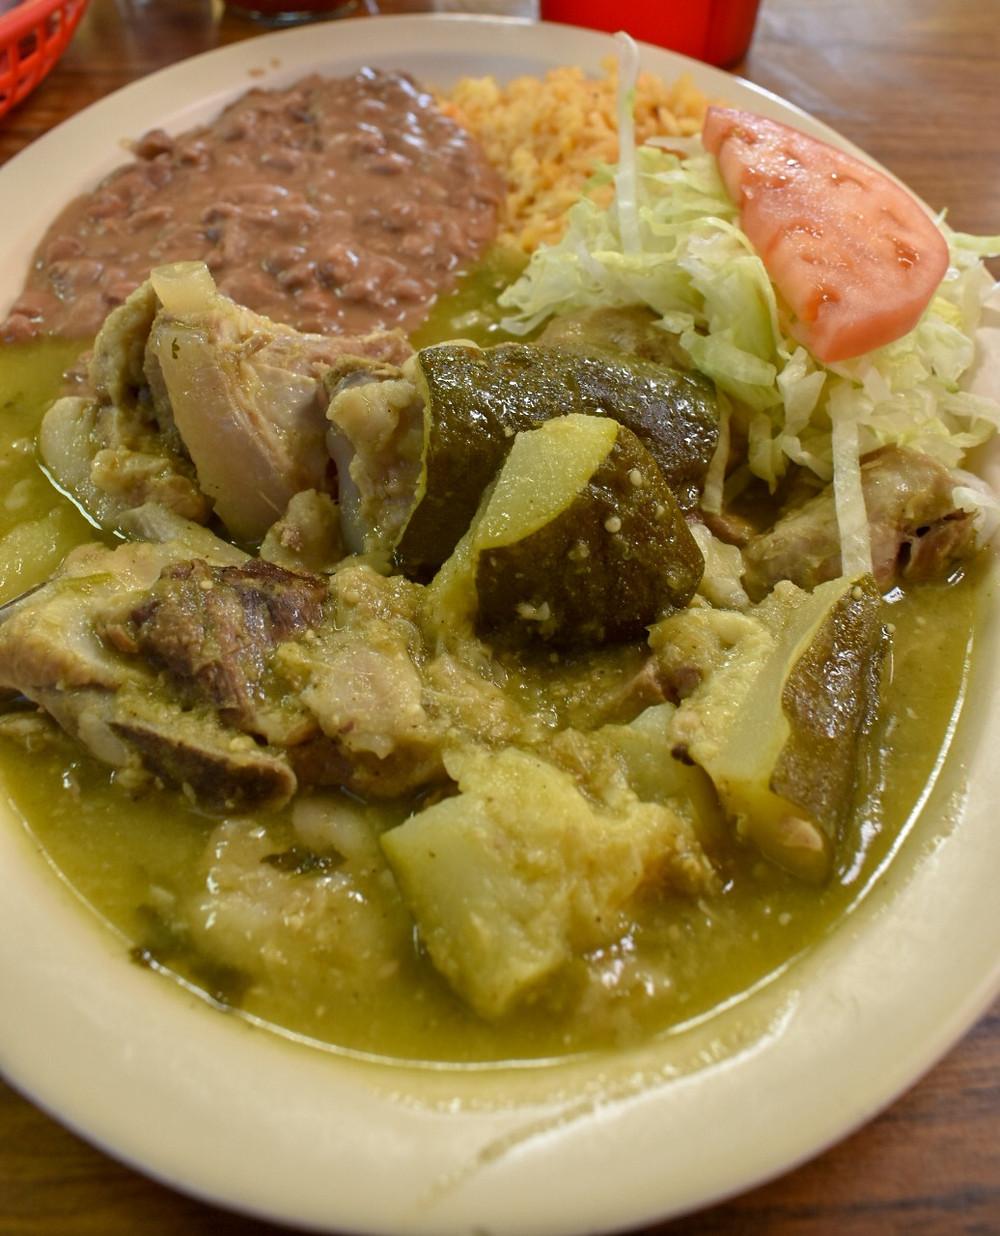 Costillas en salsa verde at Taqueria Morelos in Houston, Texas